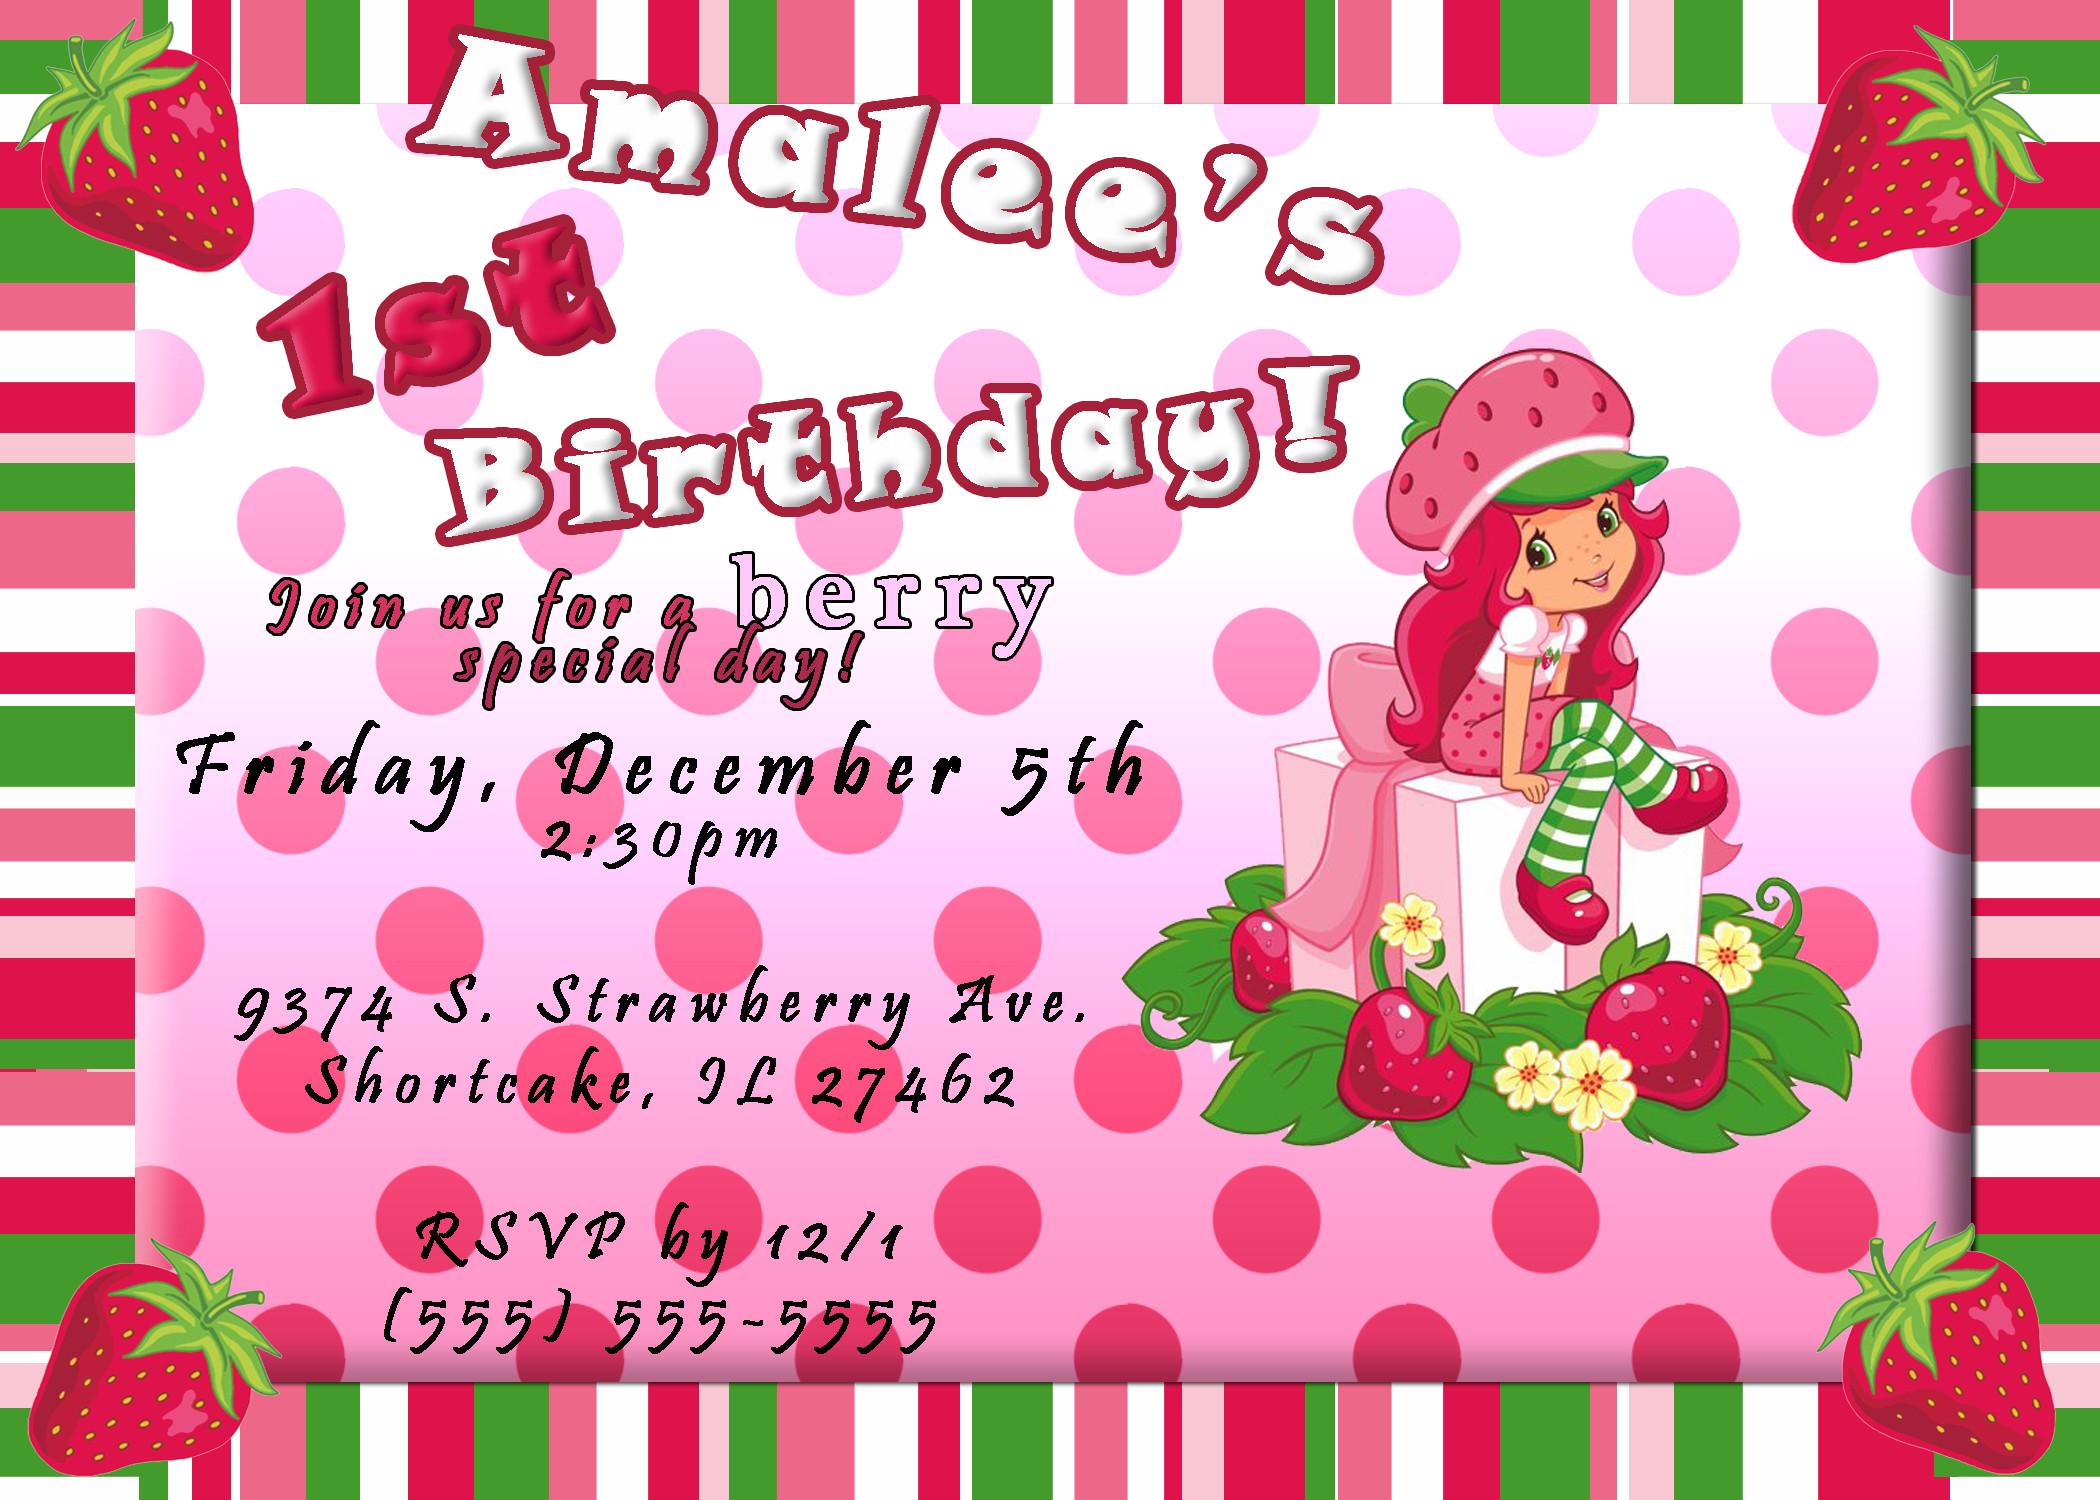 Strawberry Shortcake Birthday Invitations  Strawberry Shortcake Birthday Invitation